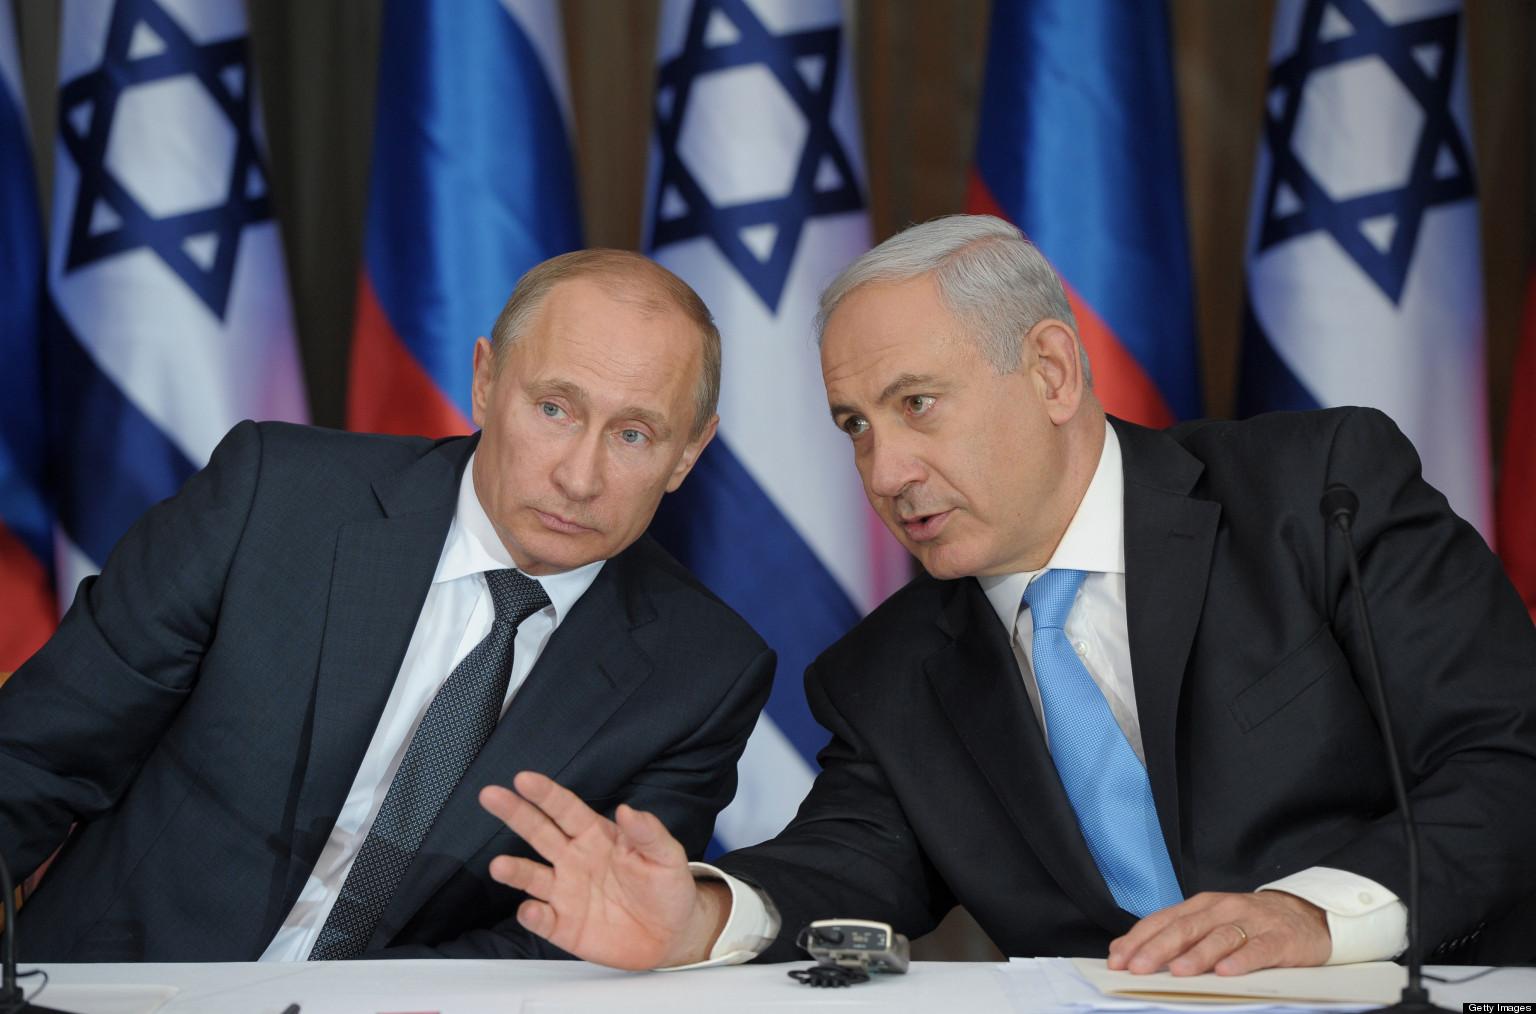 Появились сведения о сделке Путина и Нетаньяху по Сирии